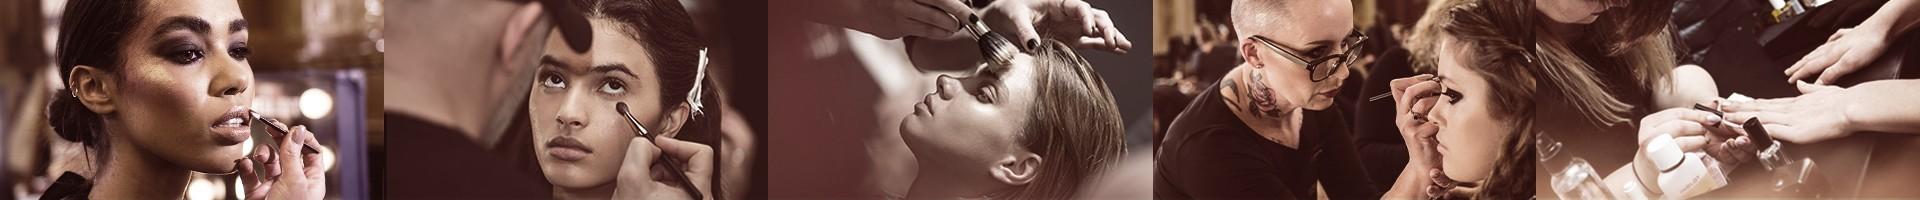 Fiksues i makeupit